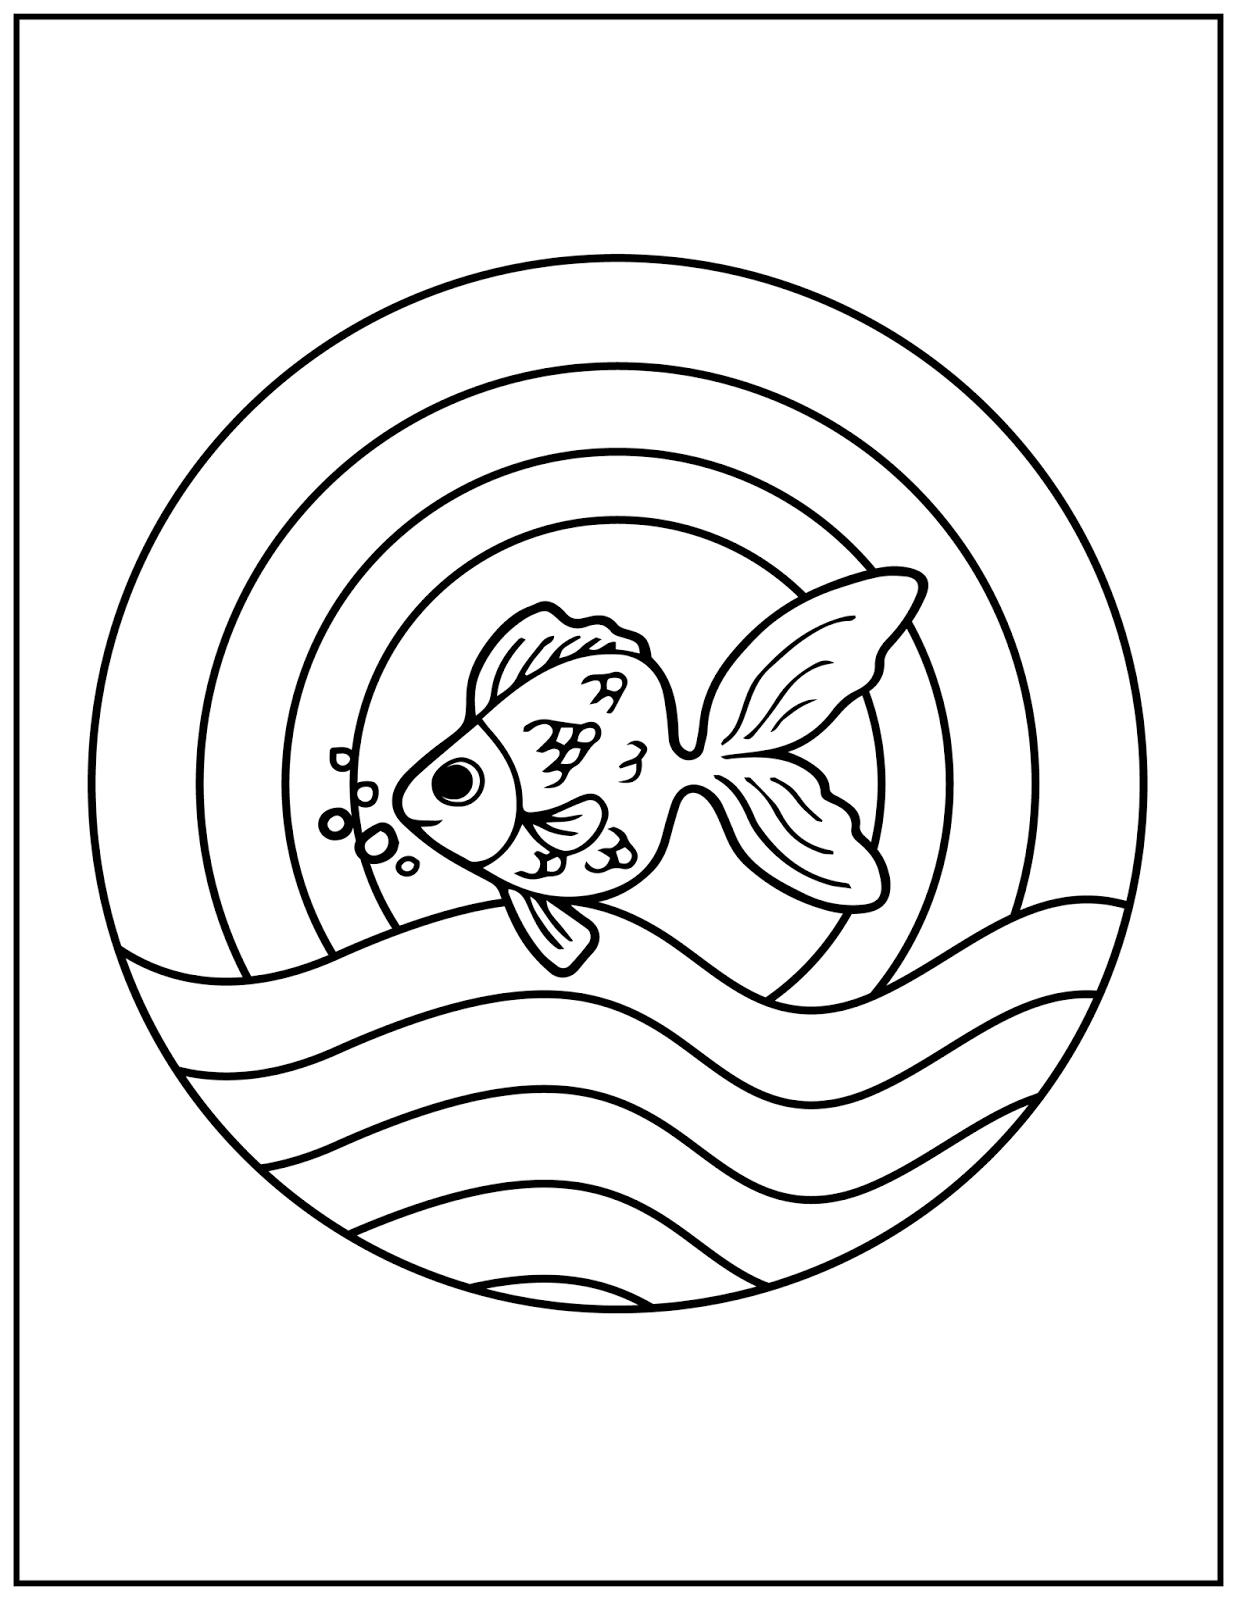 Tranh tô màu chủ đề cá vàng